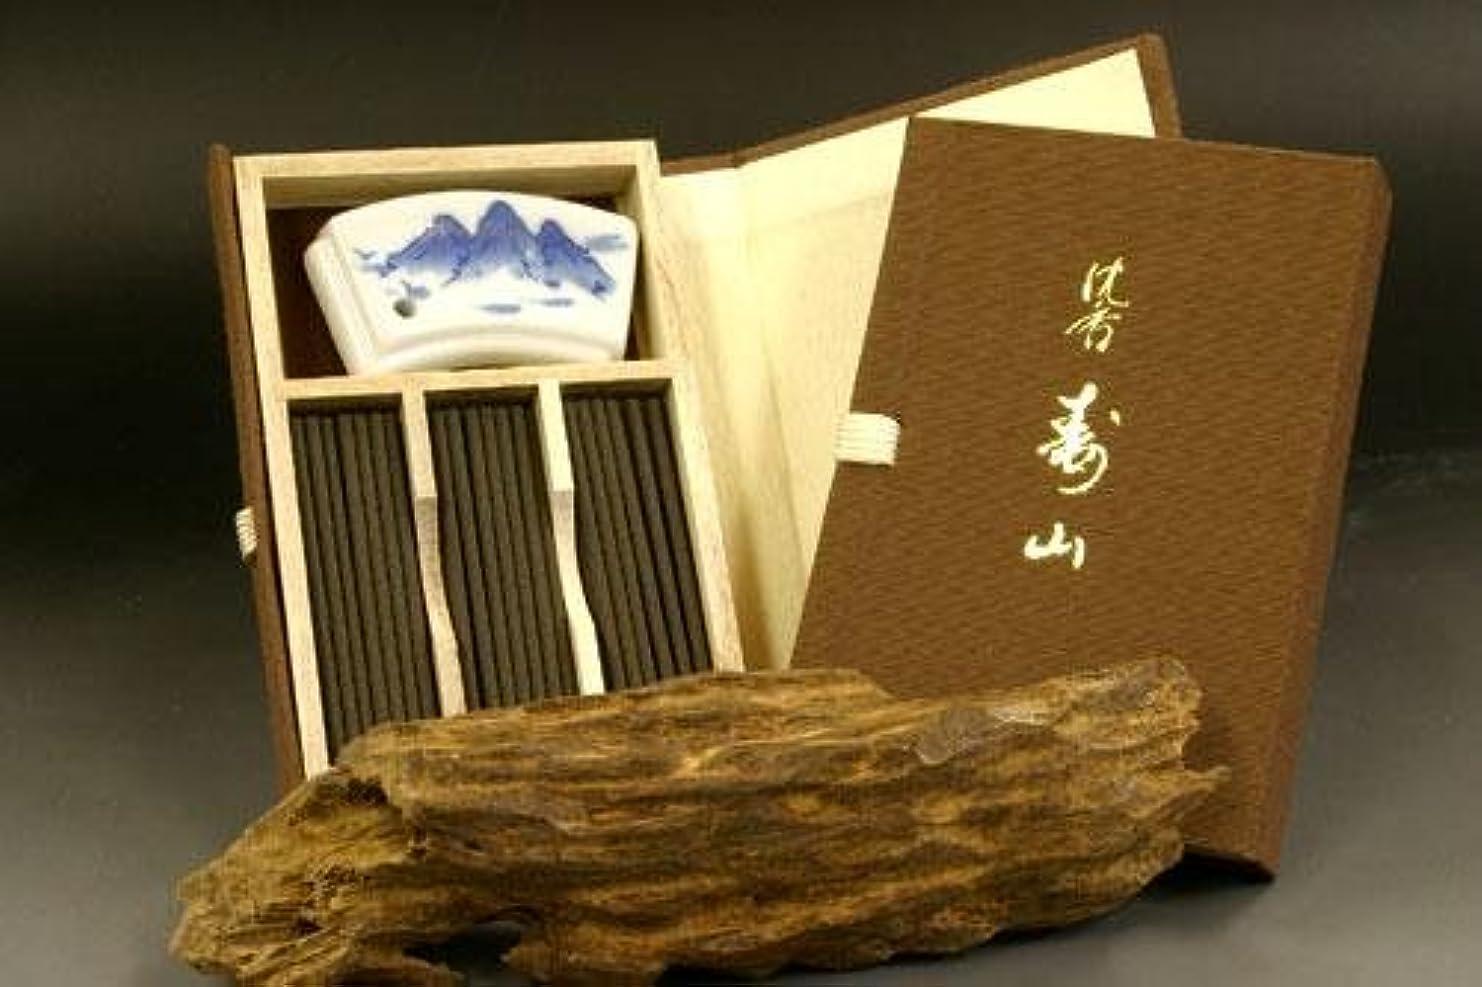 アルバムフレキシブルドナー日本香堂のお香 沈香寿山 スティックミニ寸文庫型60本入り